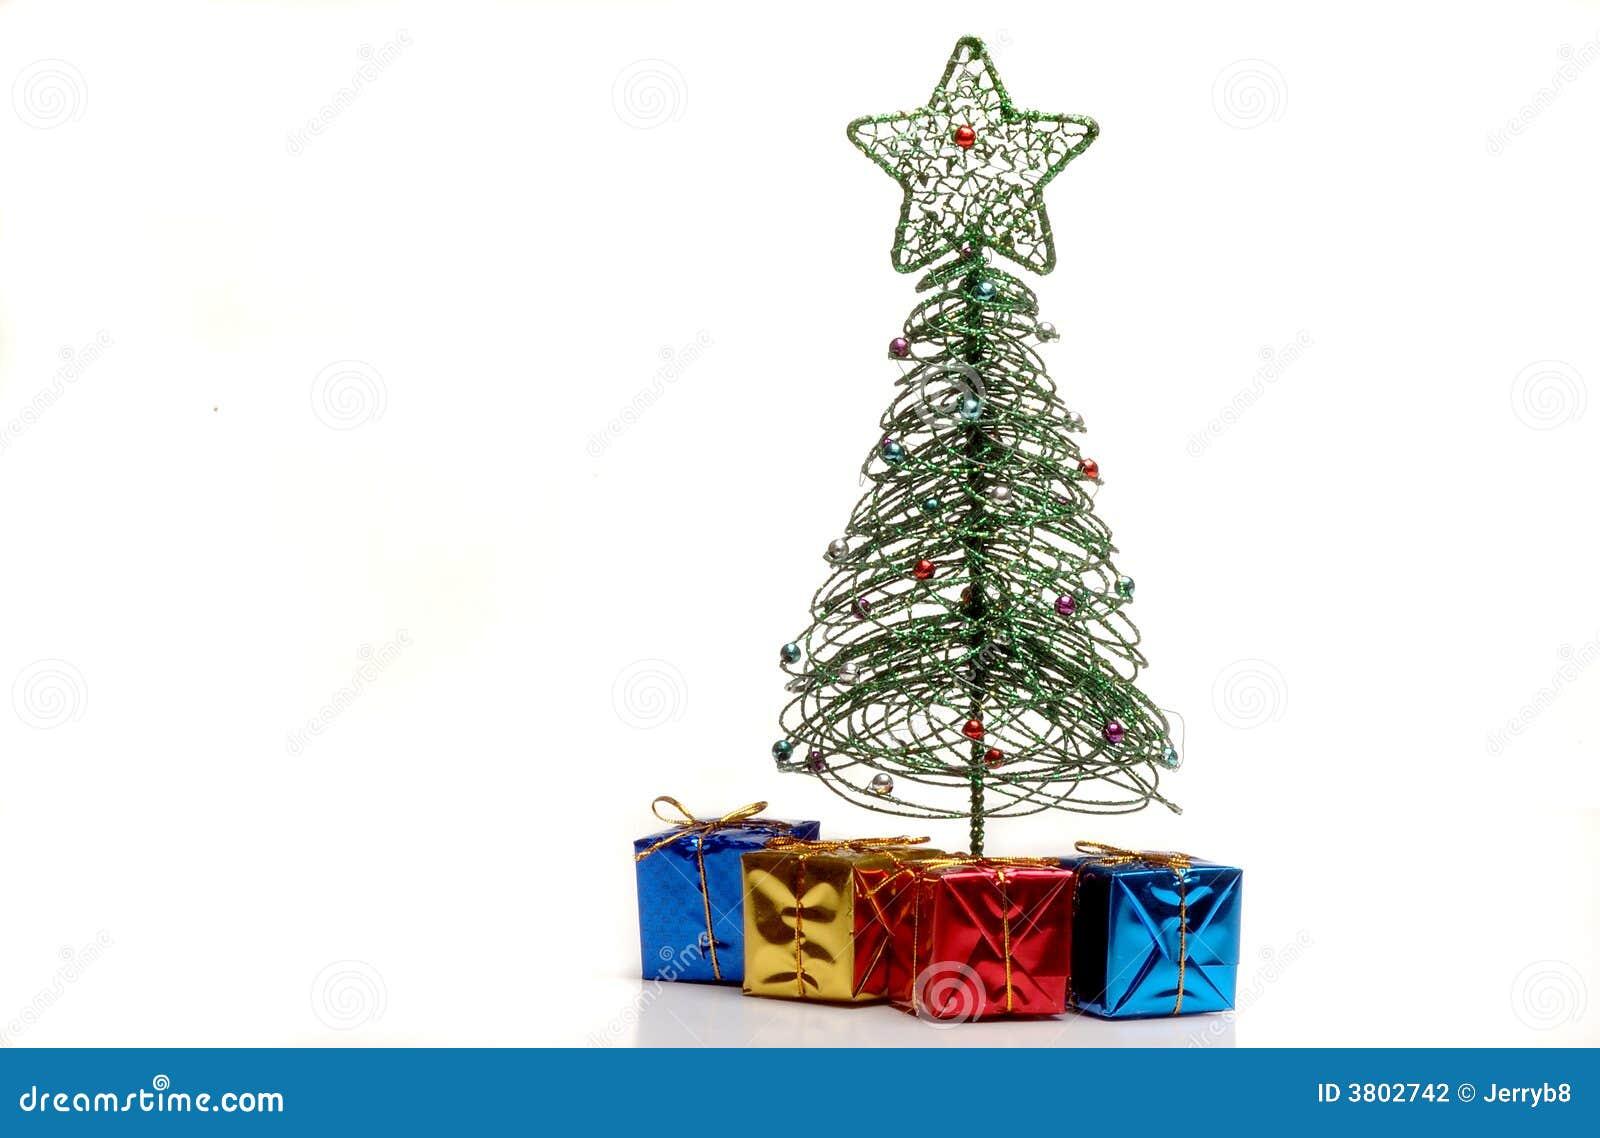 Regalos bajo el rbol de navidad fotograf a de archivo - Arbol de navidad con regalos ...